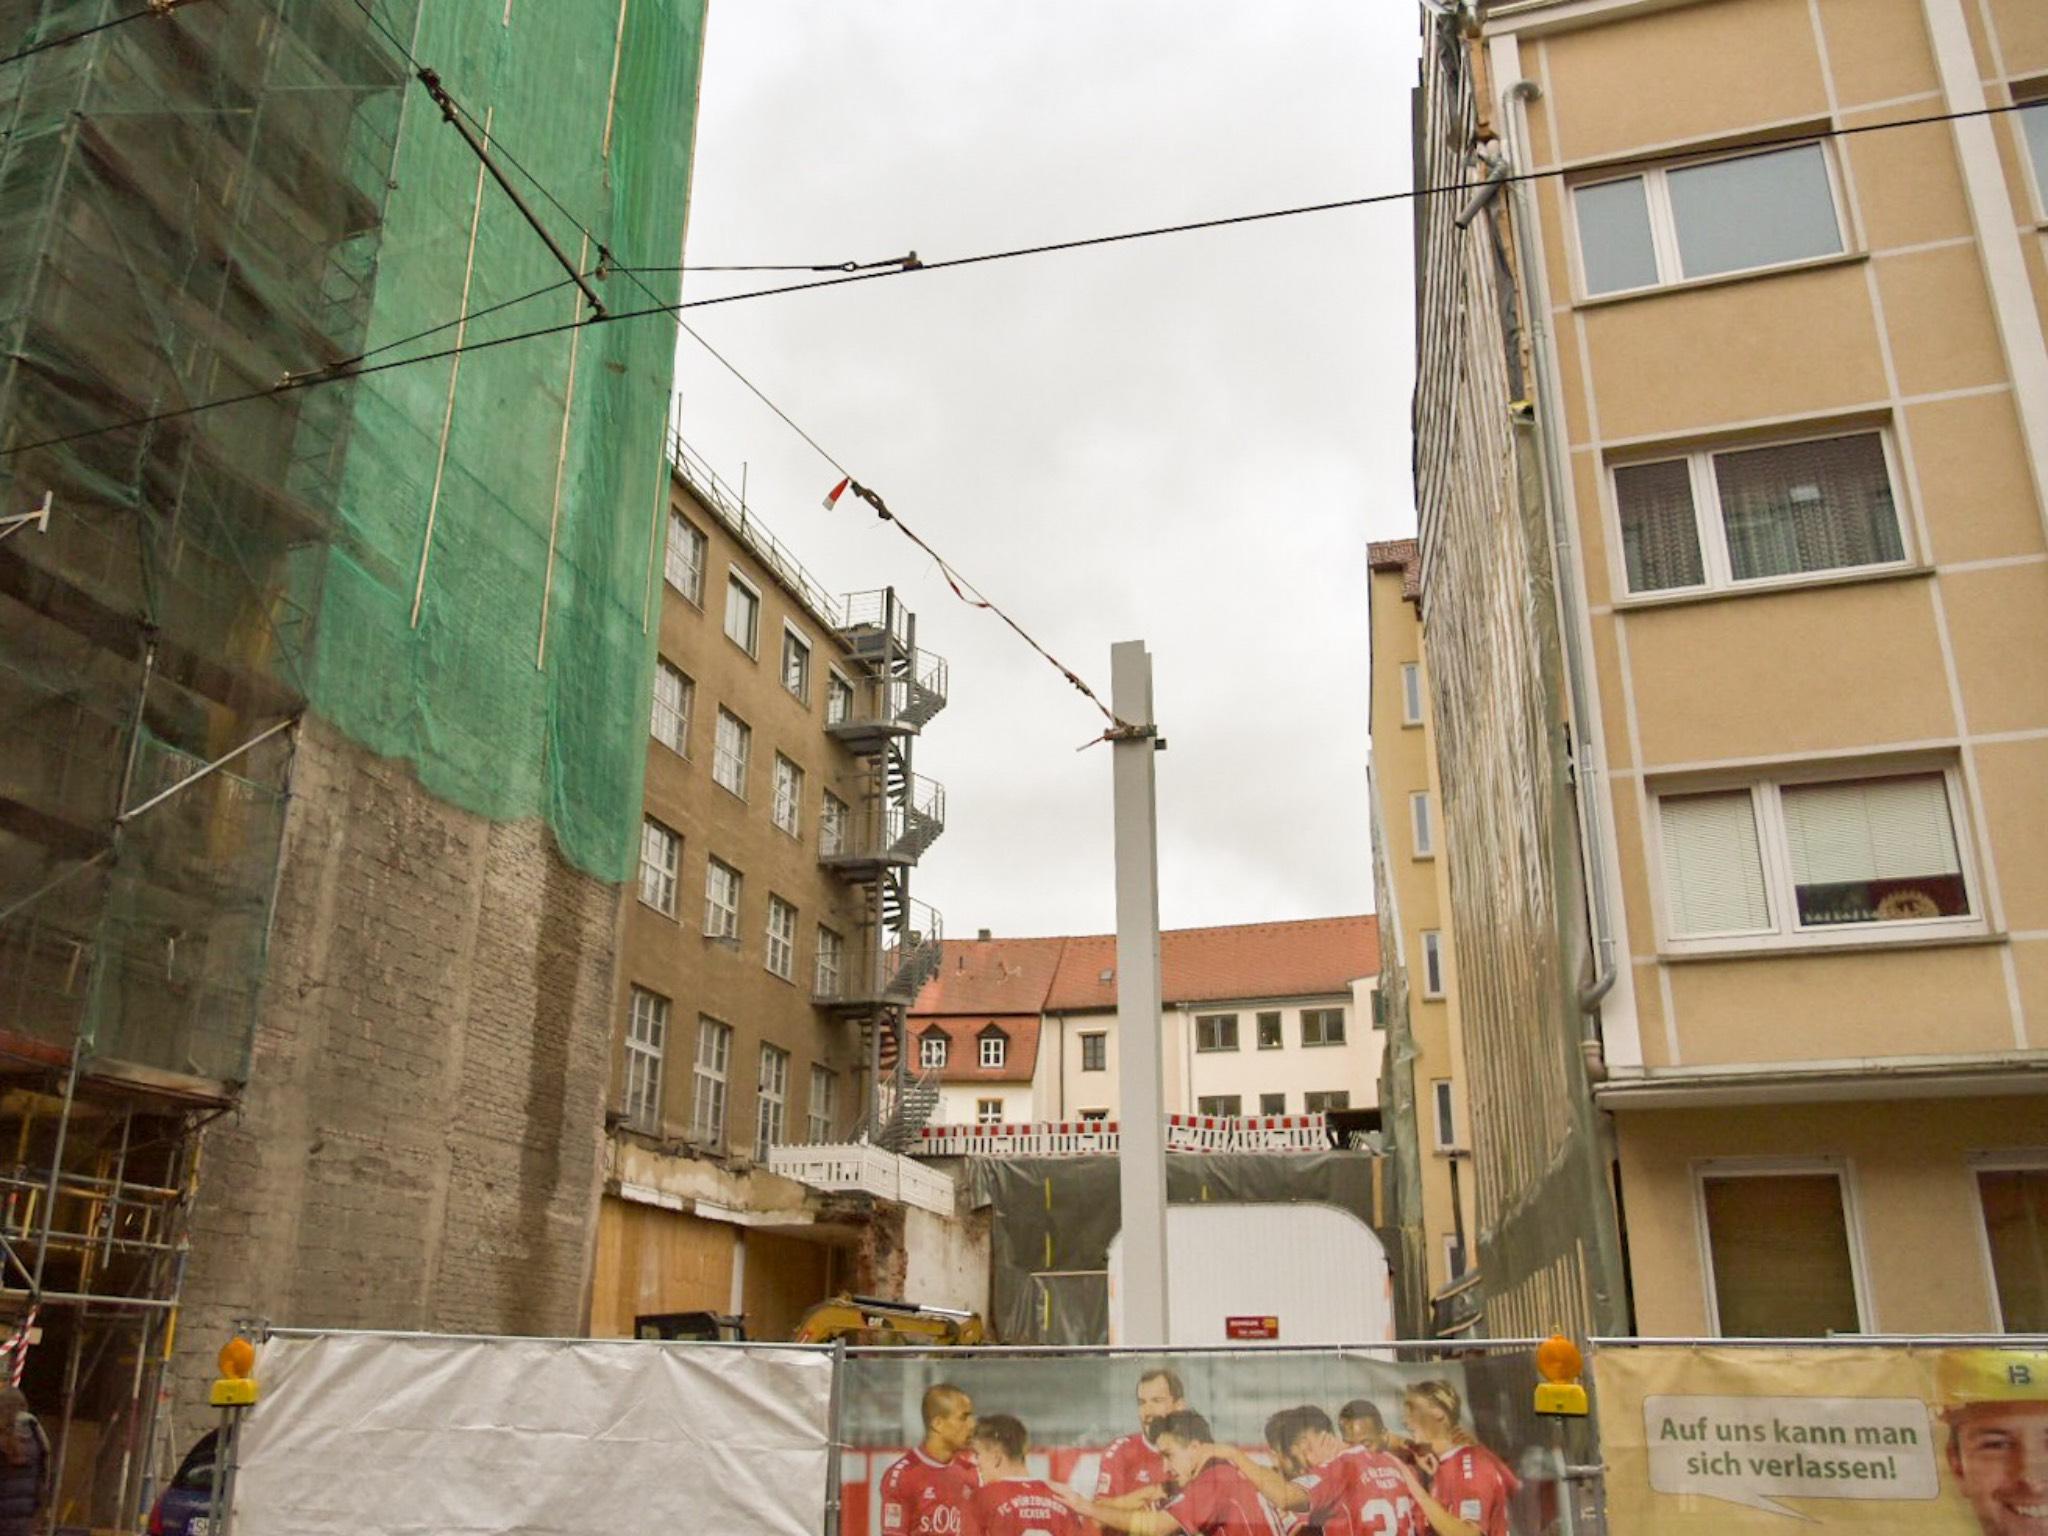 Neben dem Ämterhochhaus klafft eine Lücke. Foto: Pascal Höfig